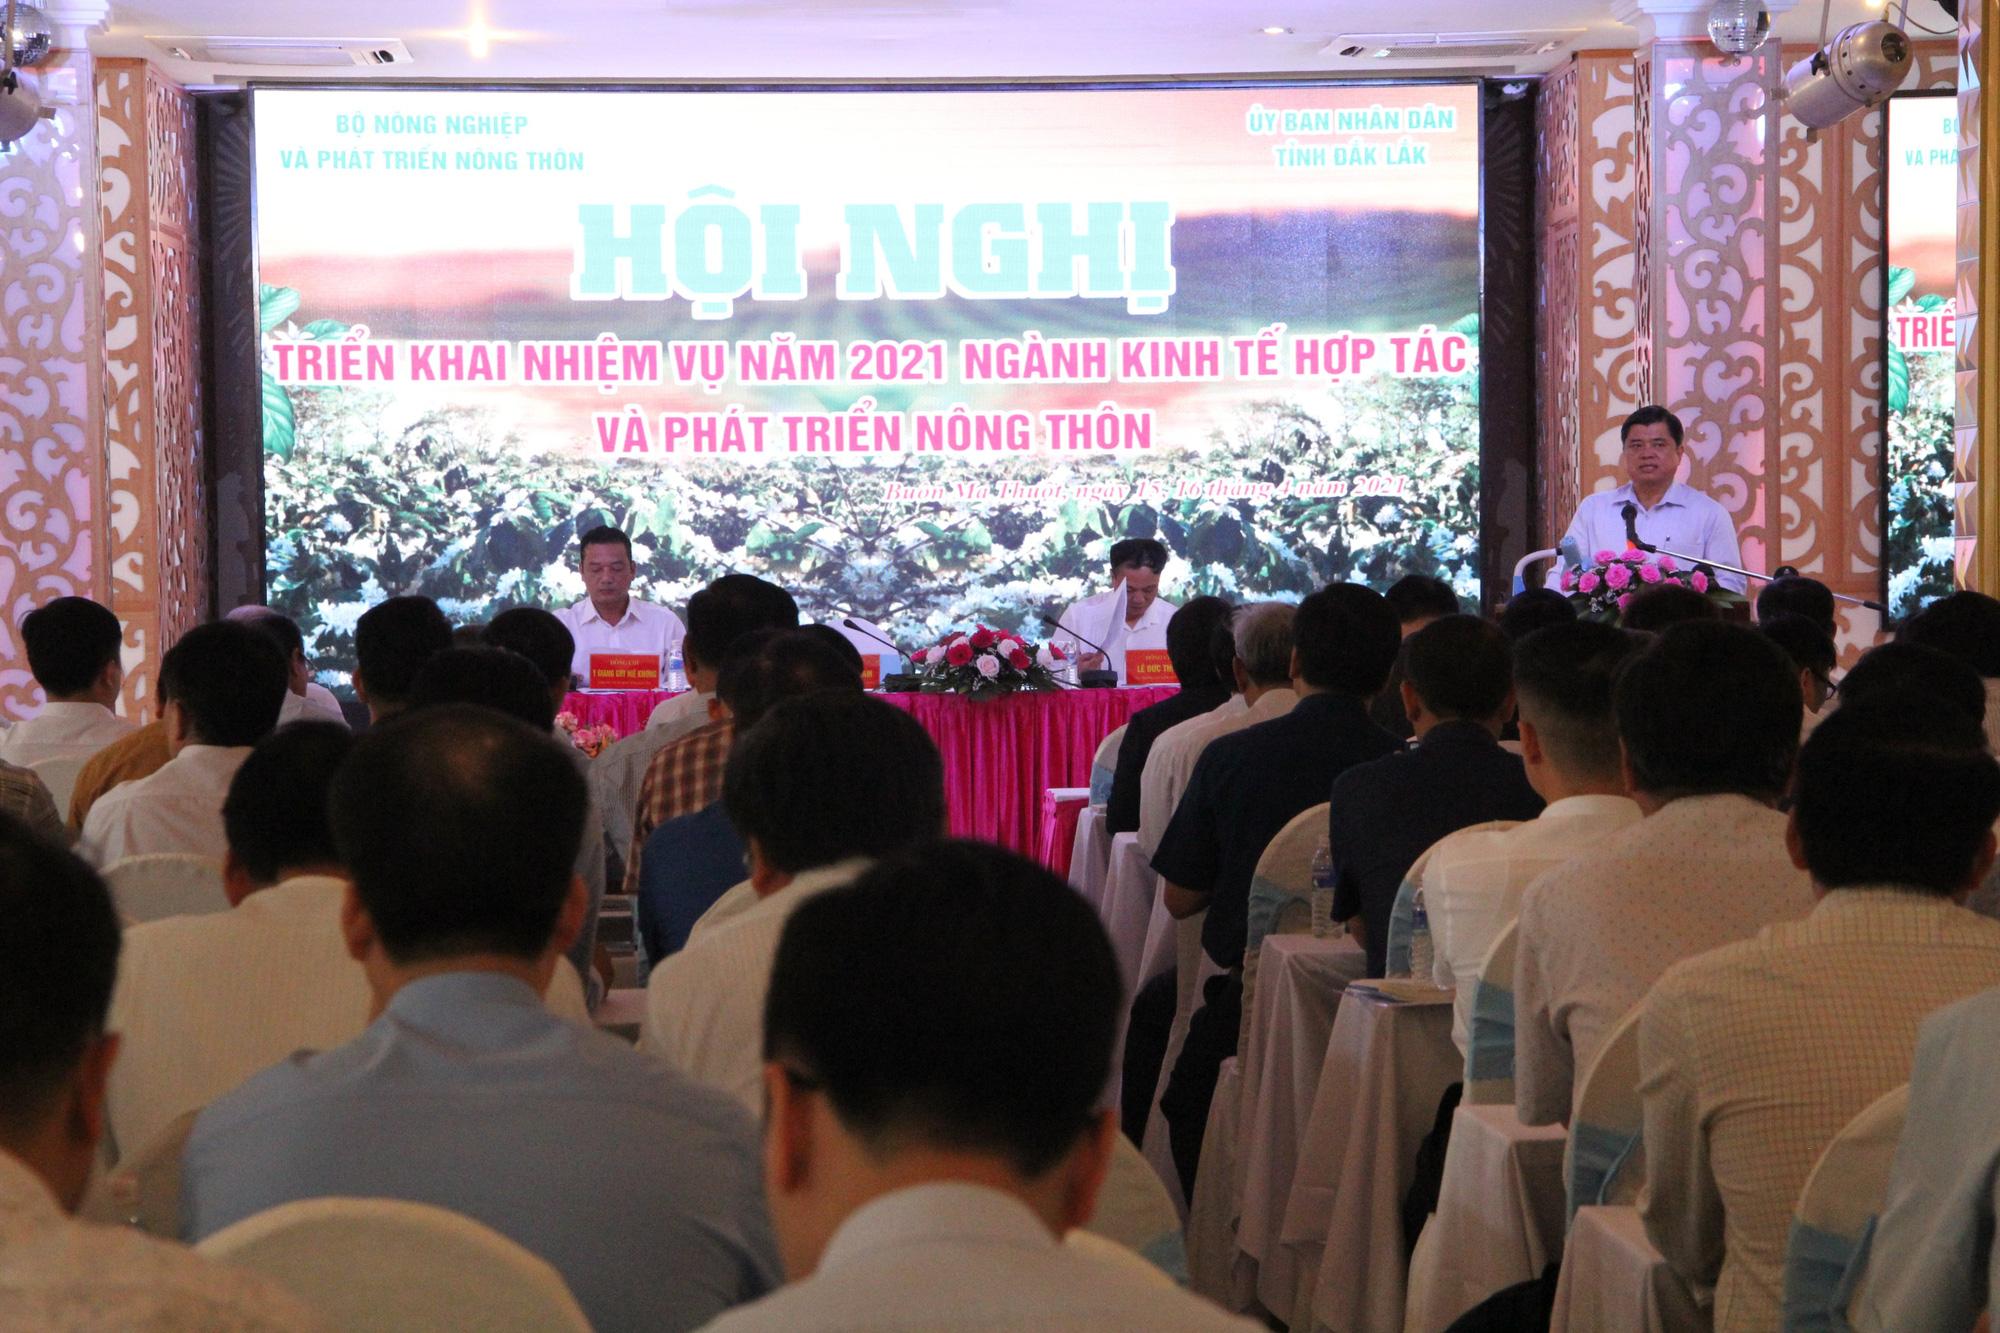 Từng bước nâng cao sức cạnh tranh cho HTX nông nghiệp - Ảnh 2.